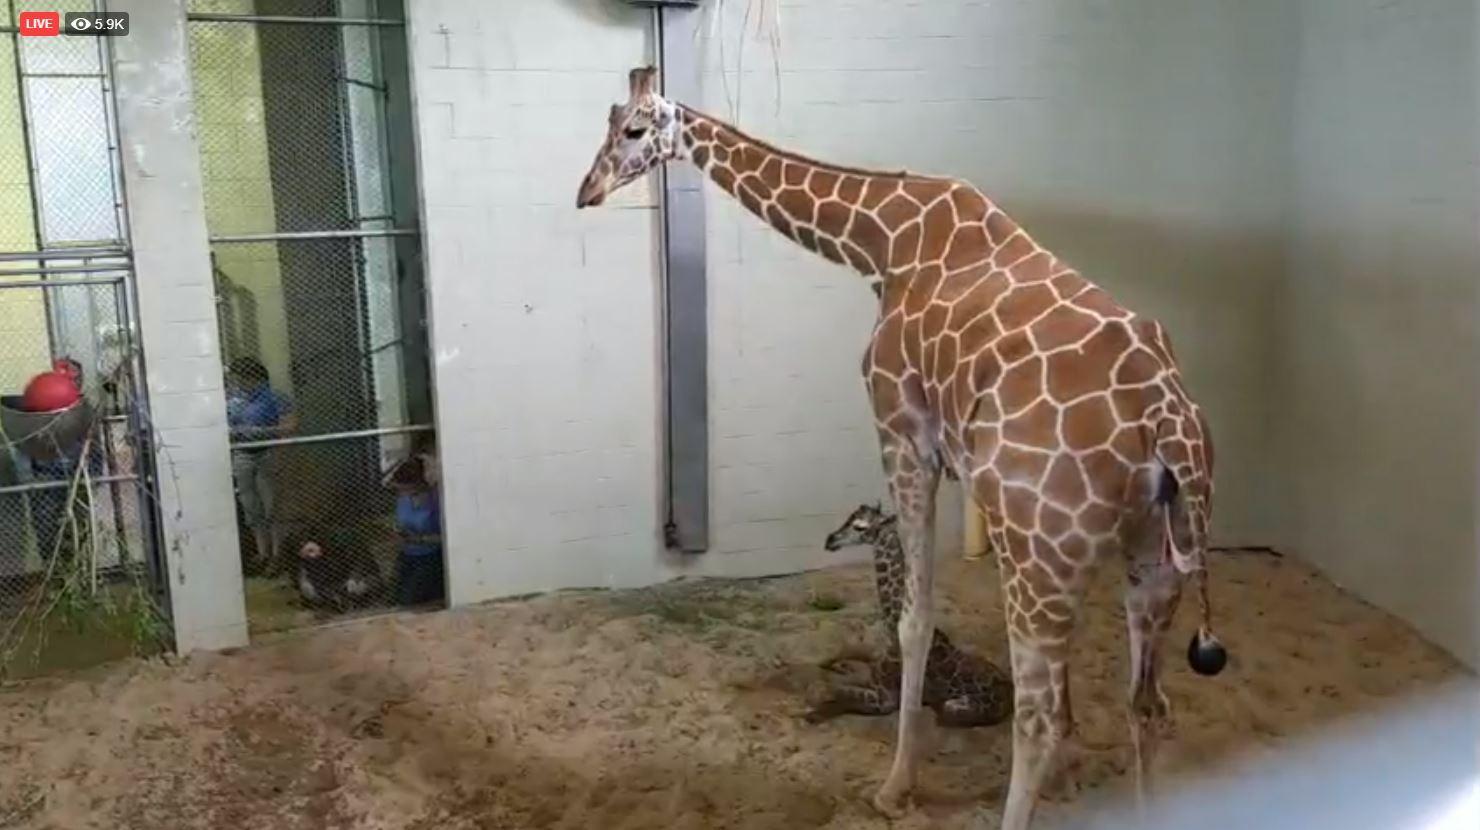 Giraffe Calf at Cheyenne Mountain Zoo